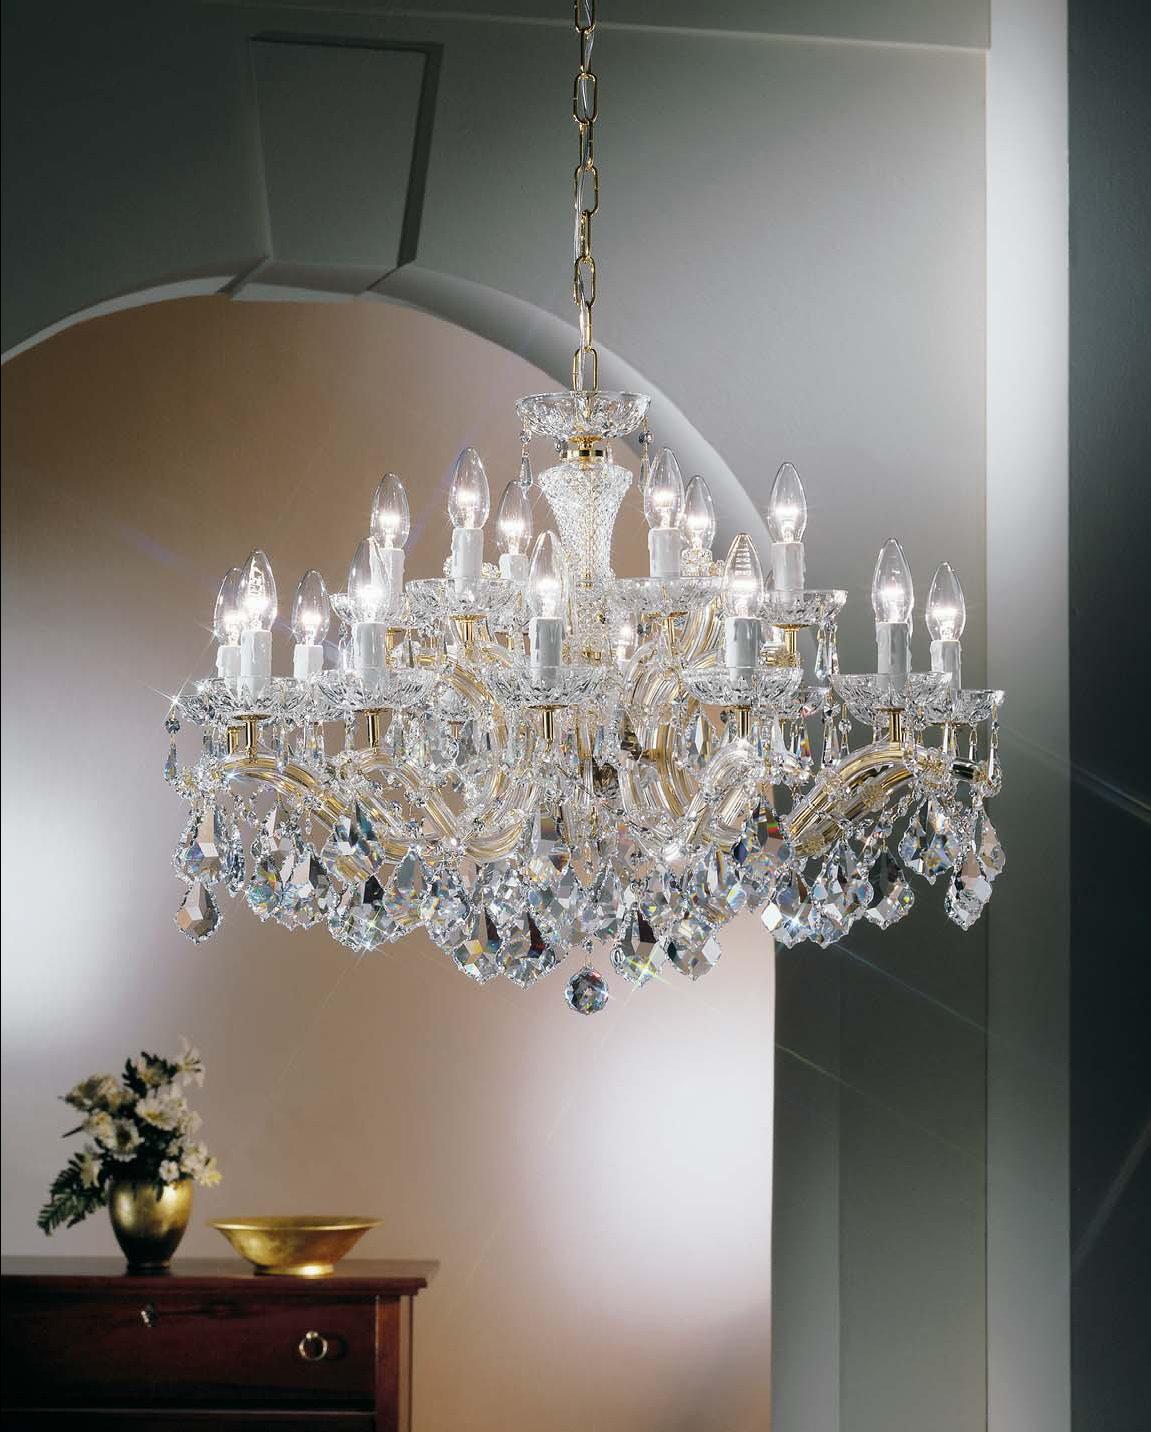 Hängeleuchten von KOLARZ Leuchten Luster-chandelier Maria Louise  Hängeleuchte Ausstellungsstück 149.812+6.3